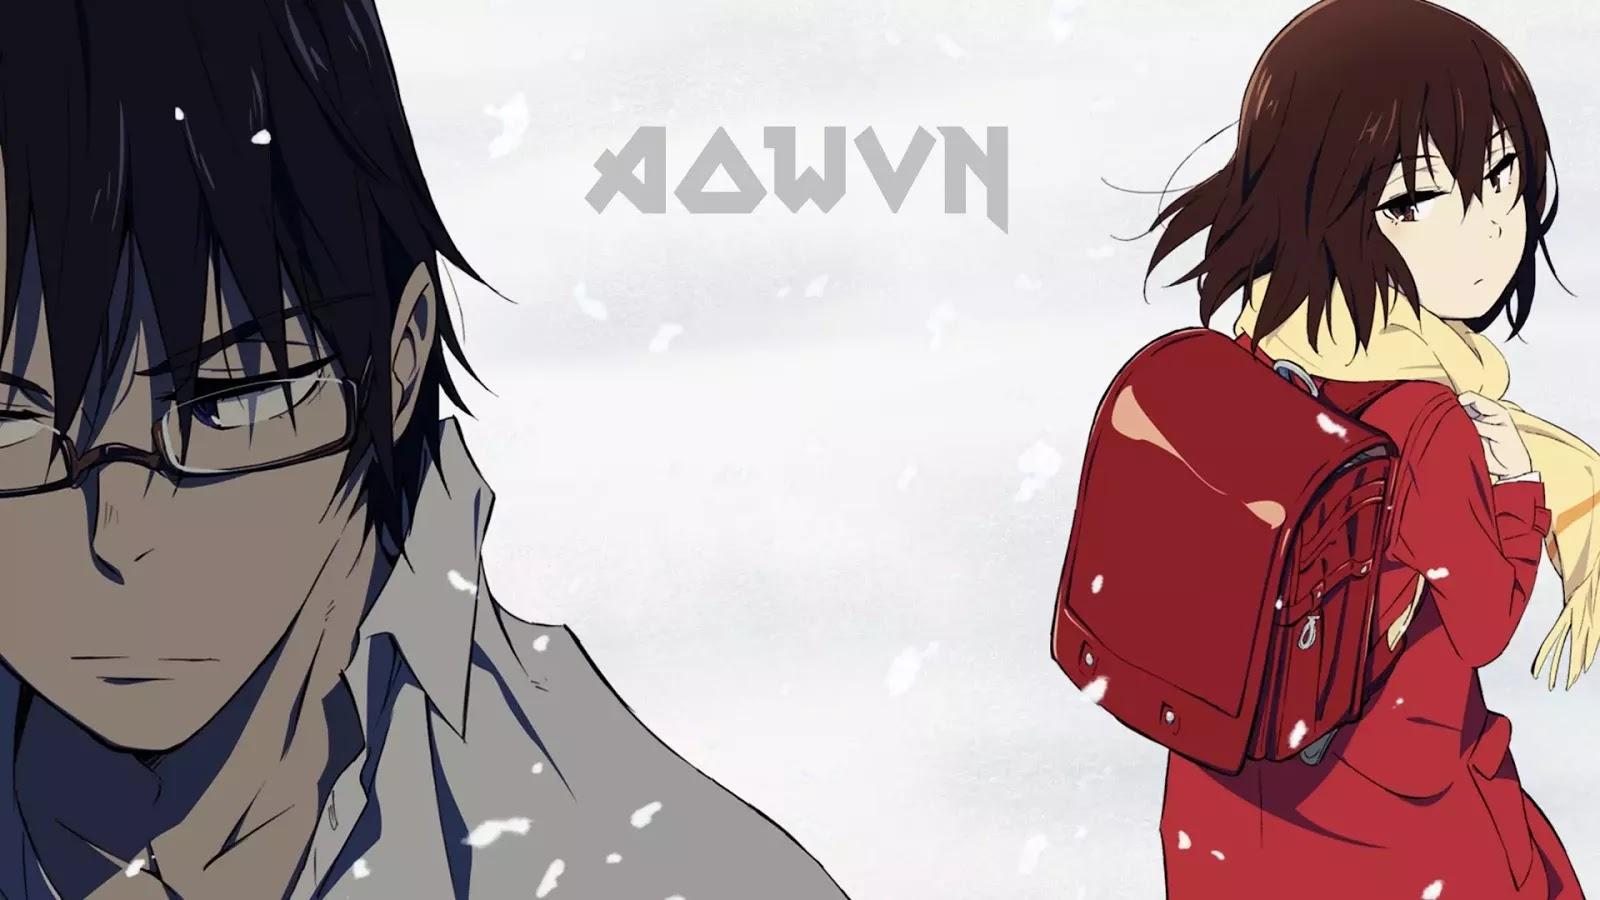 AaTLvfJsh3lbAIUW3wEnSBKC9L4 - [ Anime 3gp Mp4 ] Boku Dake Ga Inai Machi - ThịTrấnNơi Chỉ Mình Tôi Lưu Lạc | Vietsub - Bí Ẩn